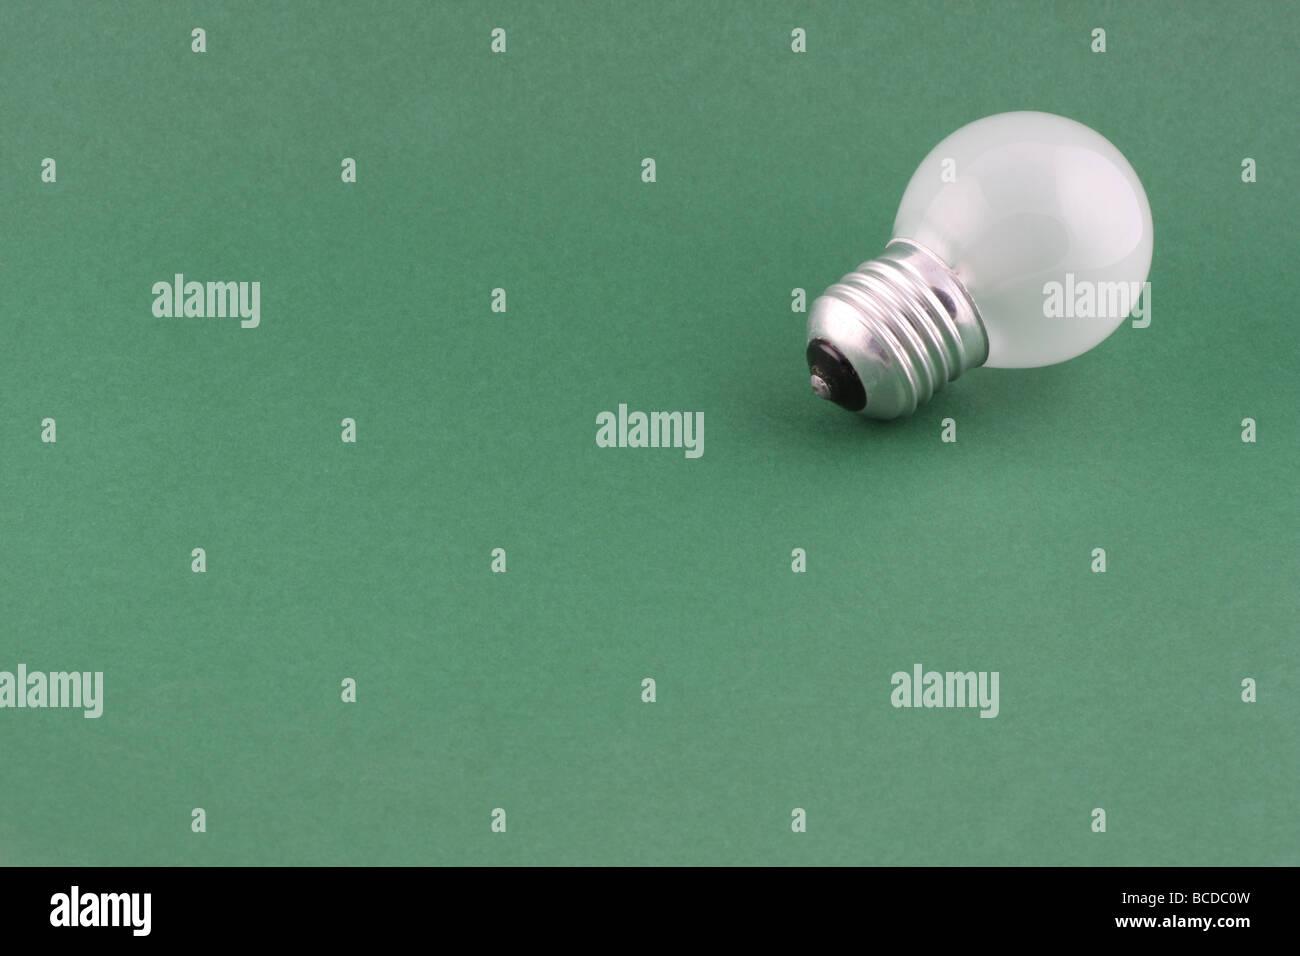 Concept de l'innovation Contexte Photo Stock